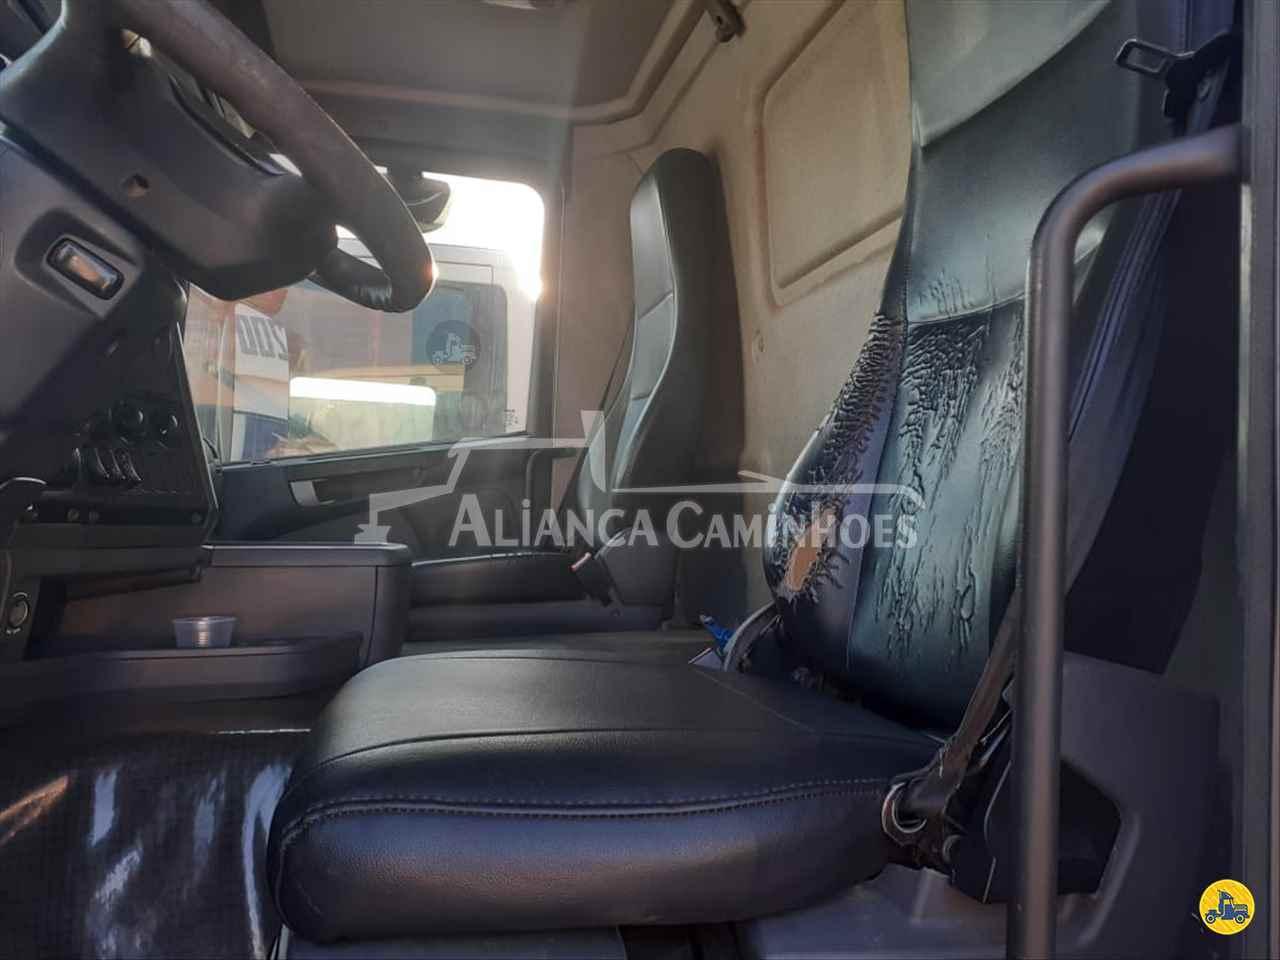 CAMINHAO SCANIA SCANIA 440 Cavalo Mecânico Traçado 6x4 Aliança Caminhões LUIS EDUARDO MAGALHAES BAHIA BA